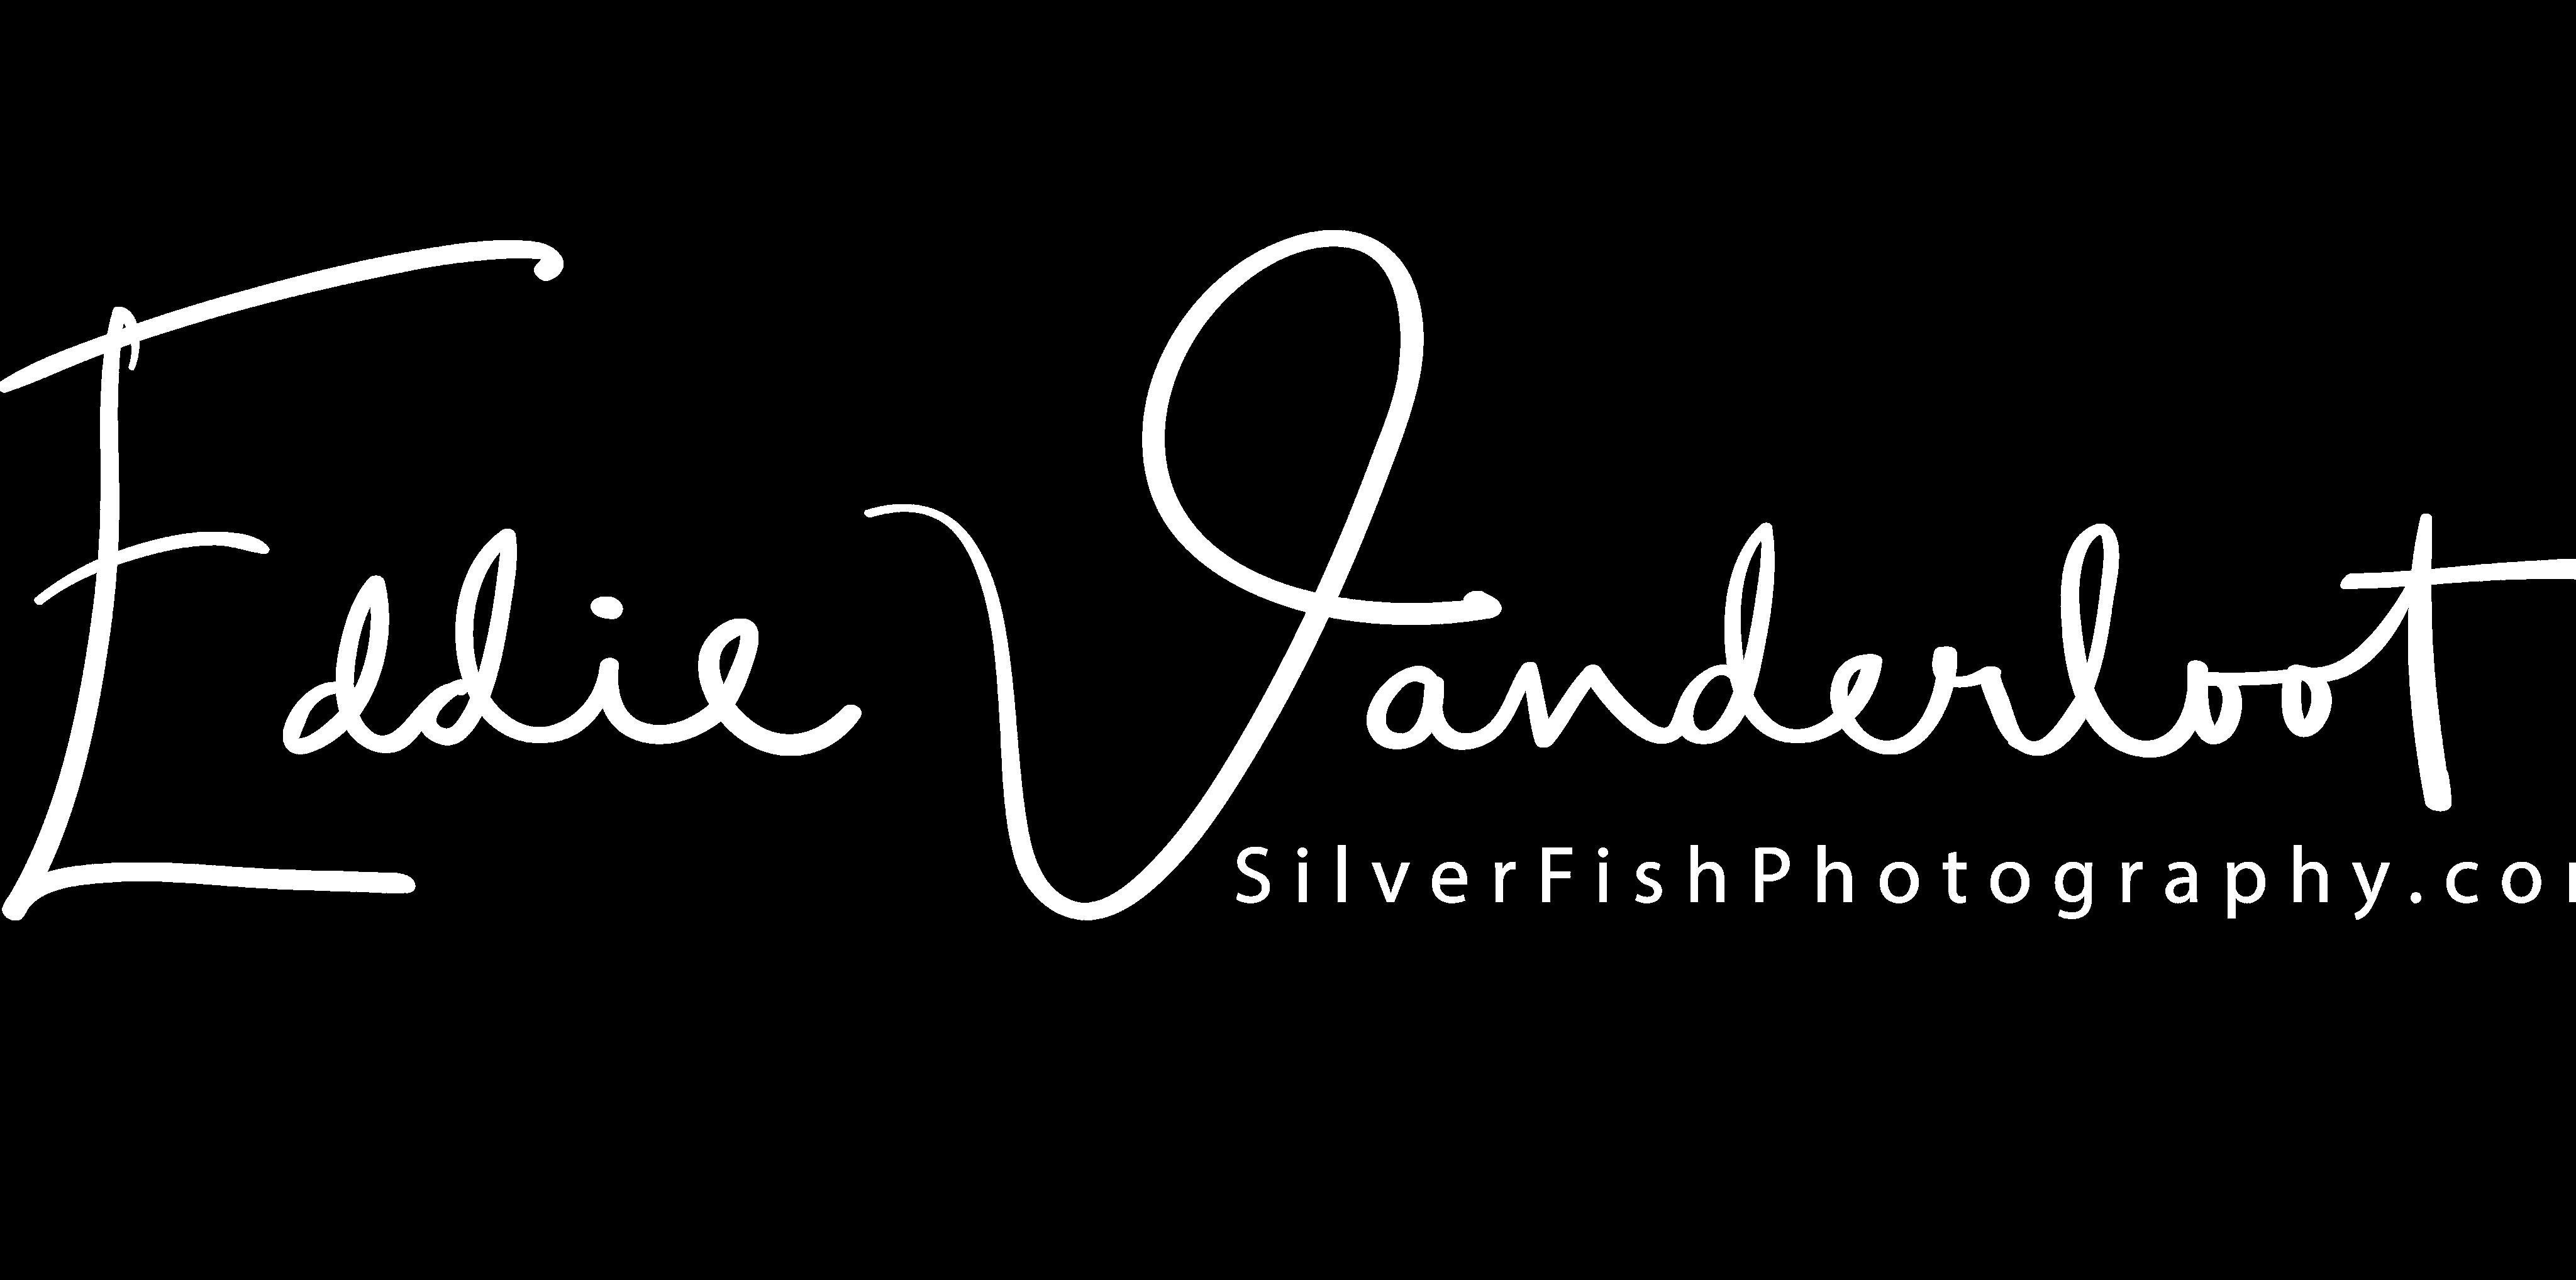 eddie Vanderloot